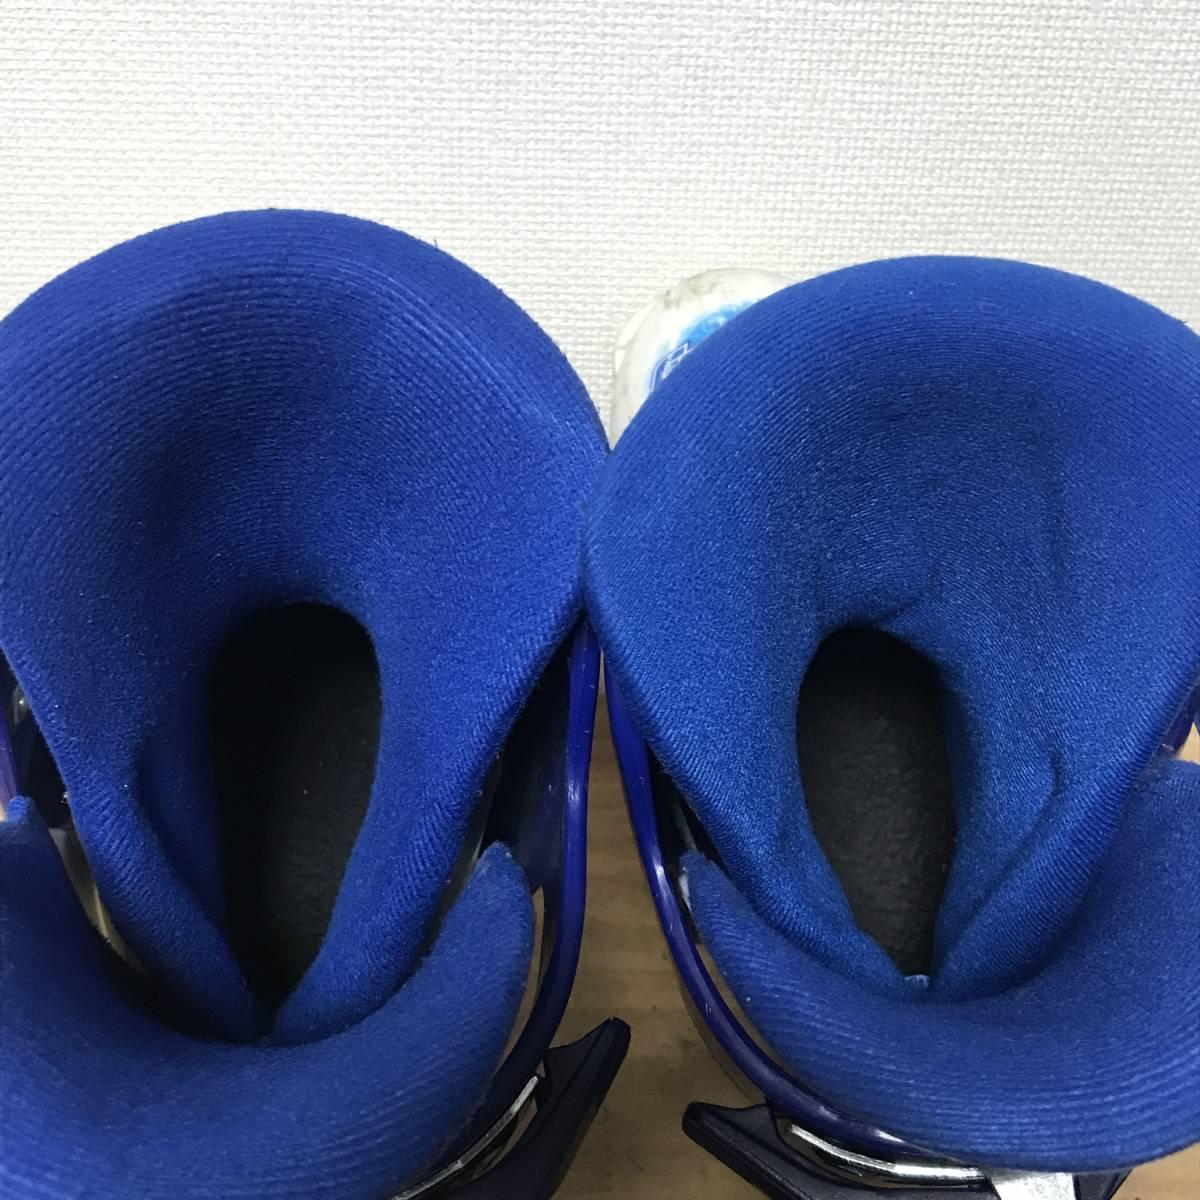 ジュニアスキーセット◆ケース付 KAZAMA 90cm ブーツ 17-18cm ポール 70cm キッズ 子供 ジュニア _画像10